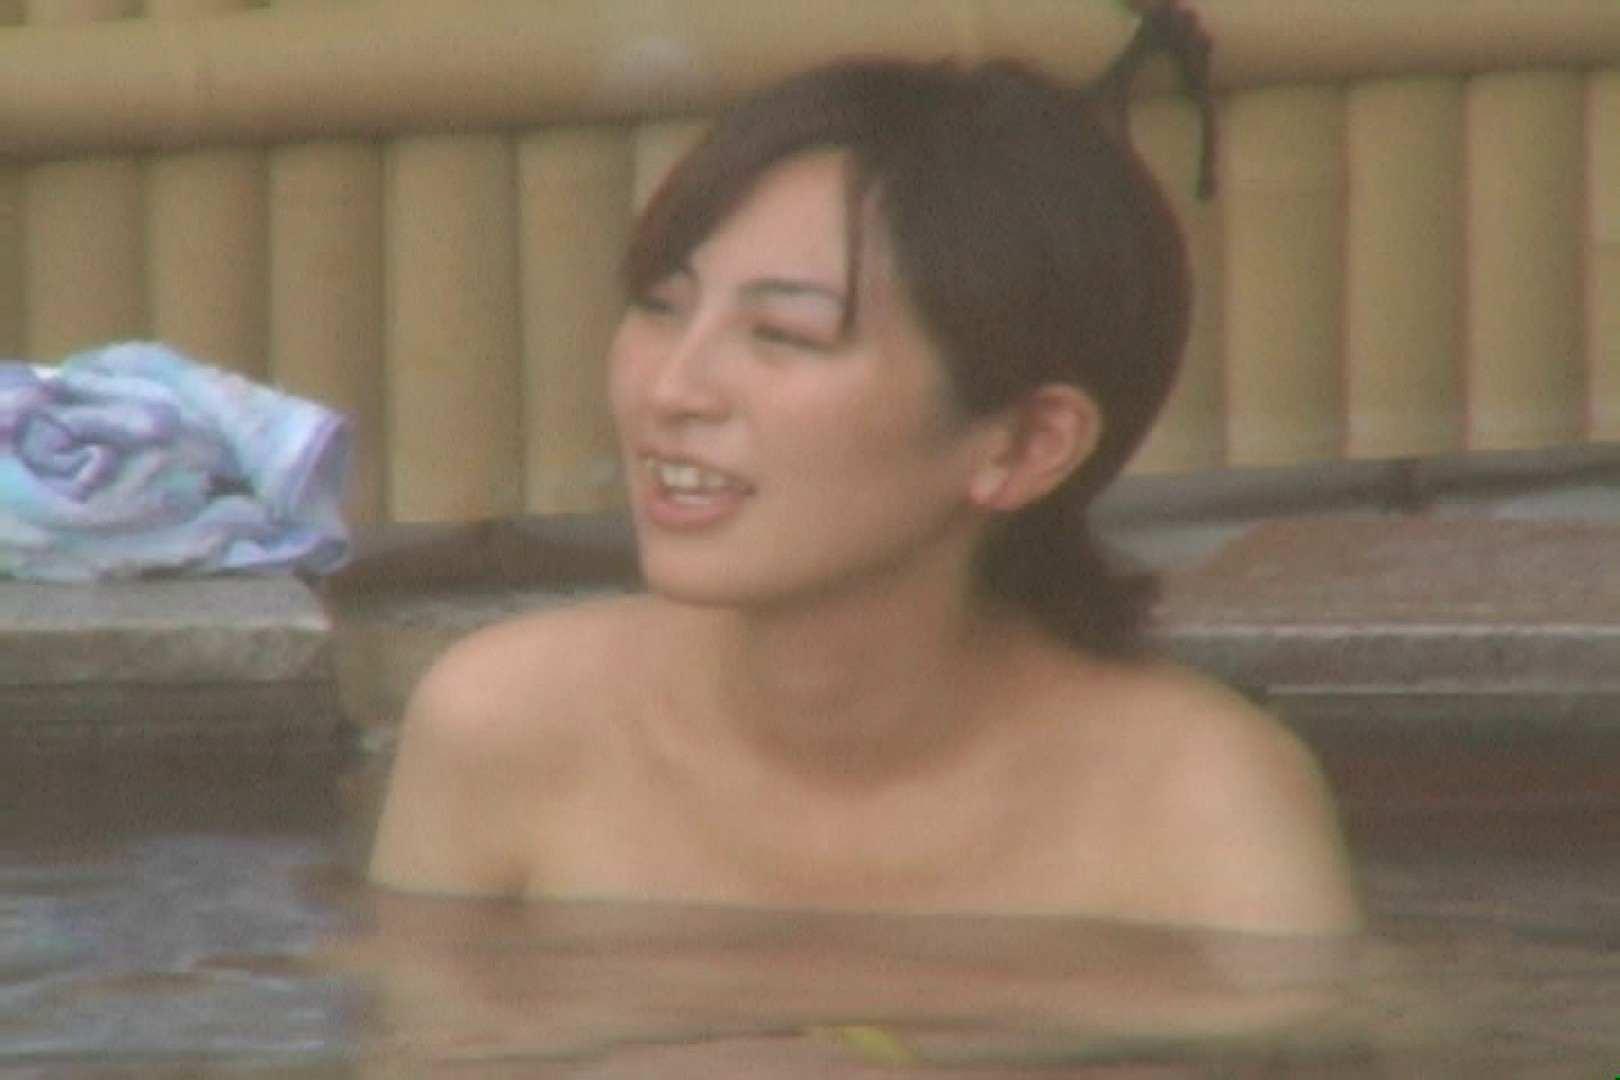 Aquaな露天風呂Vol.26【VIP】 盗撮師作品 スケベ動画紹介 73pic 50